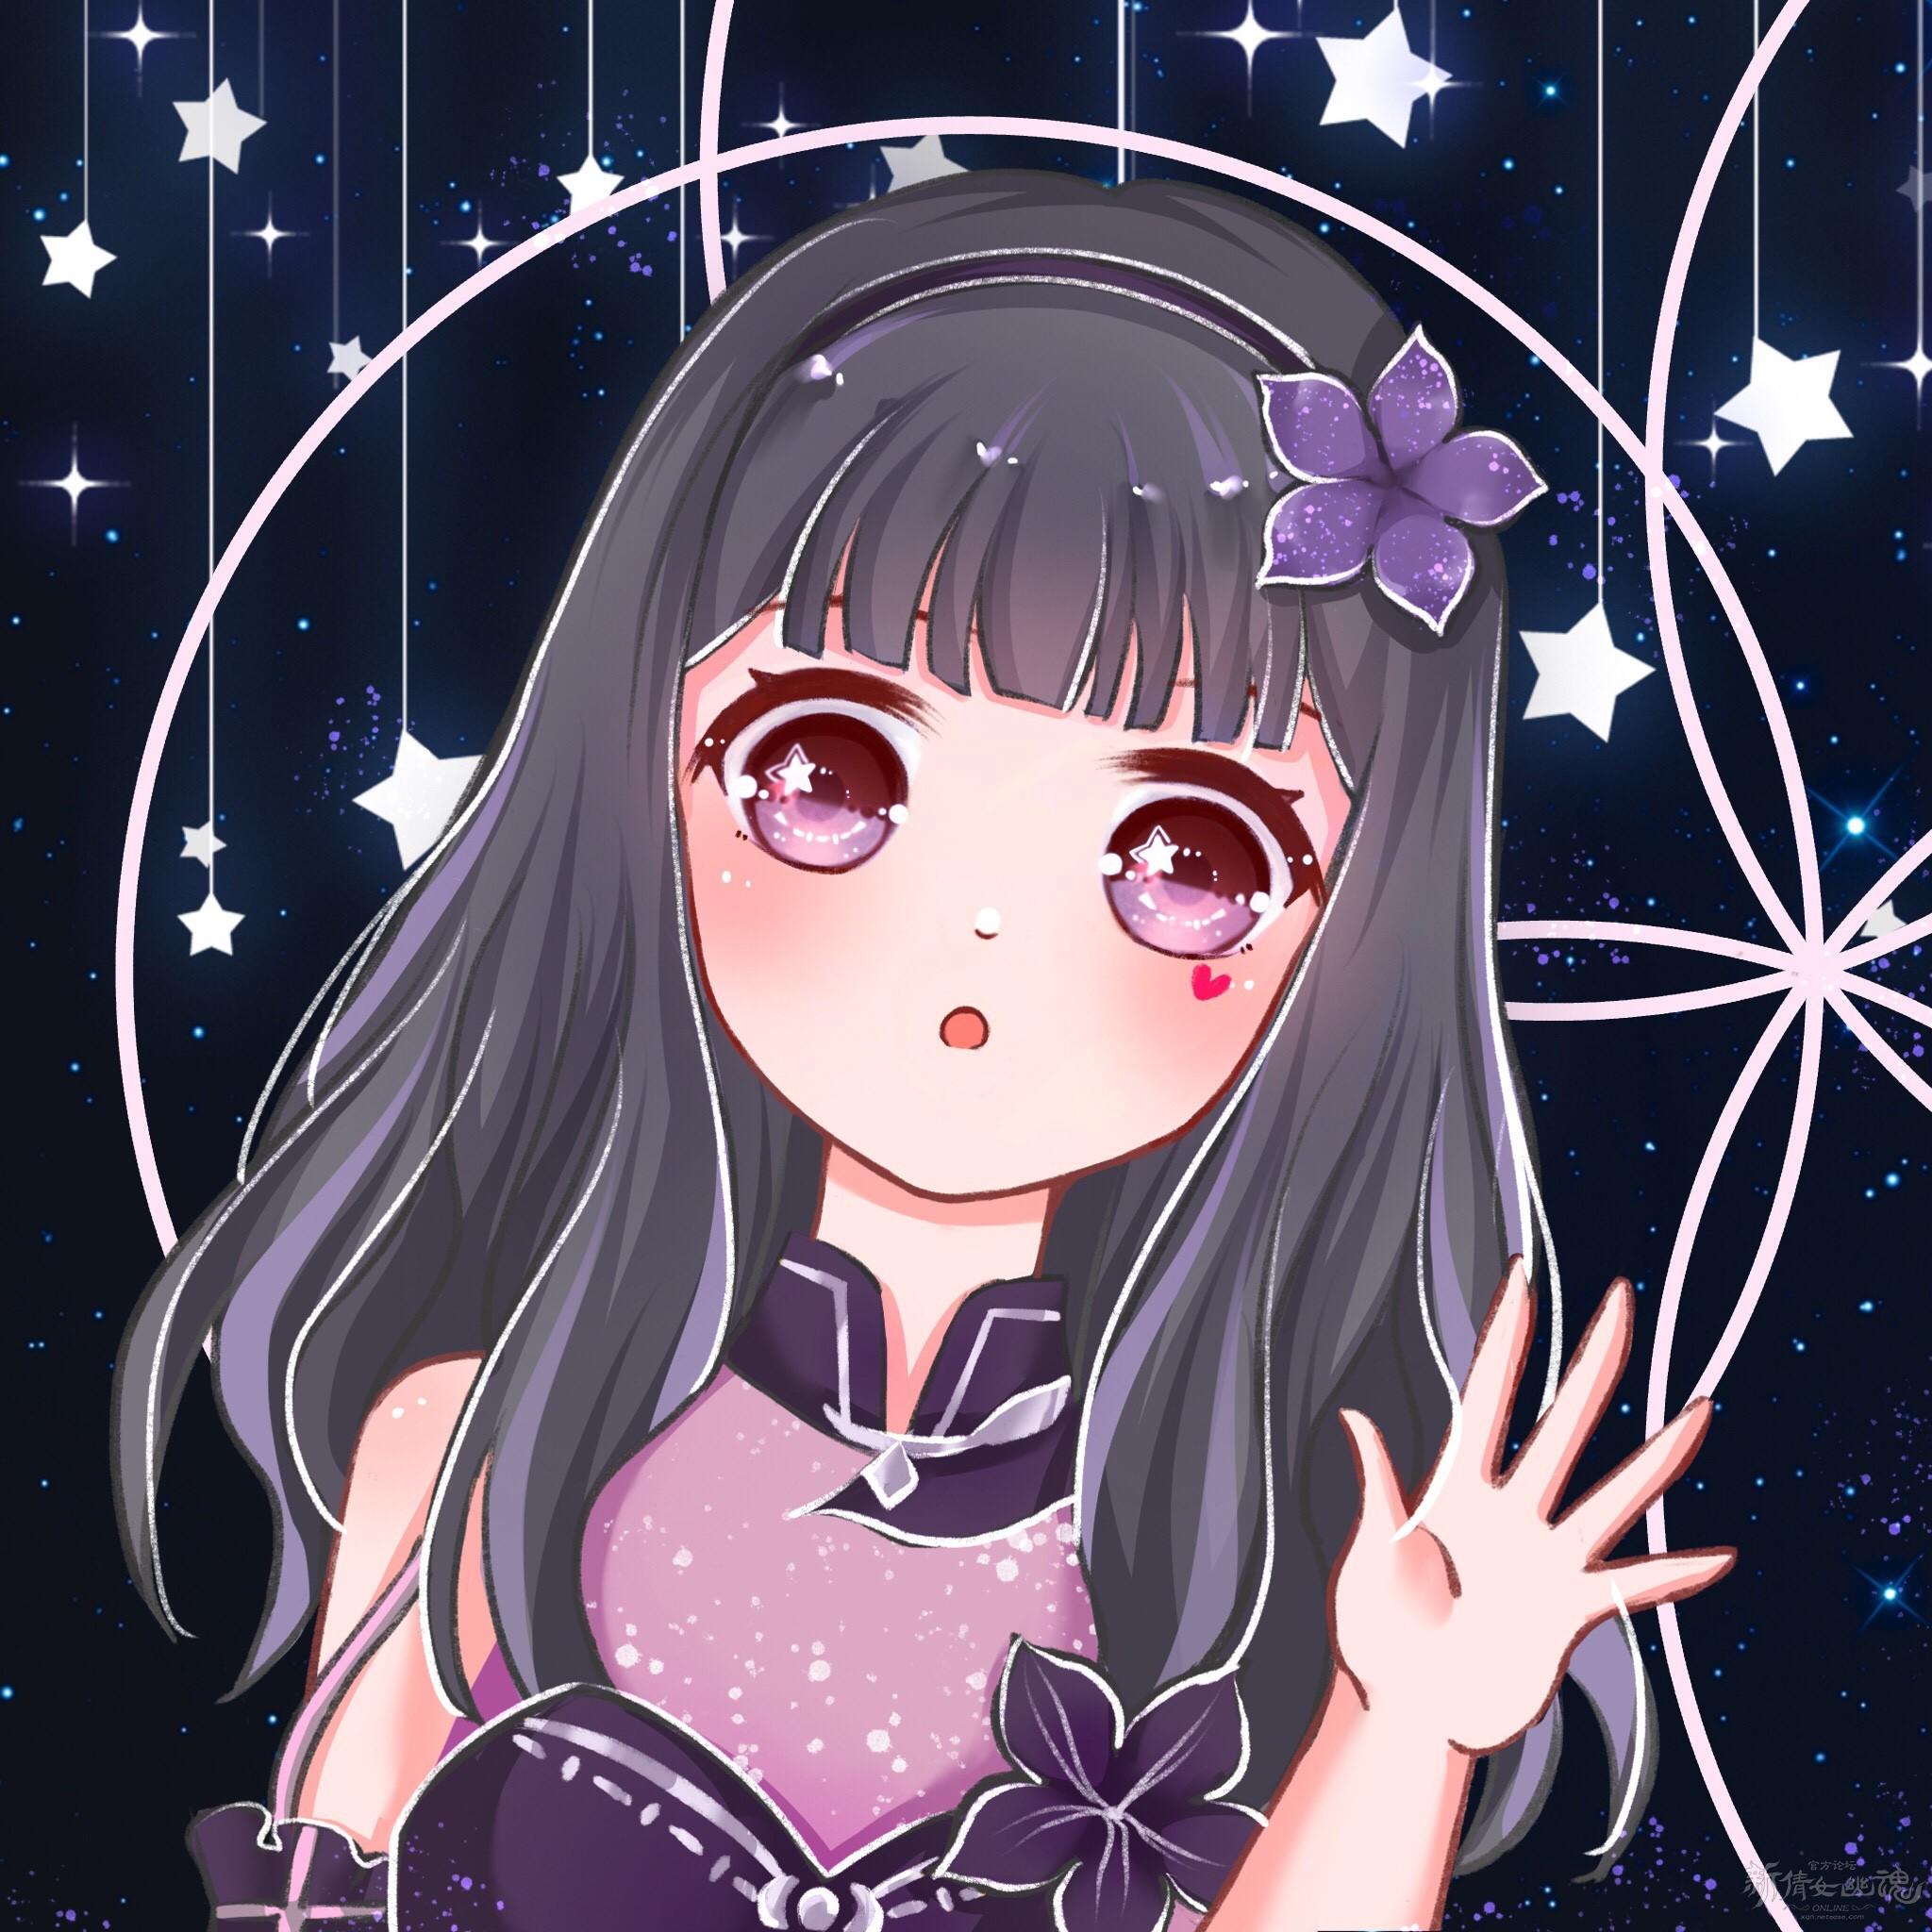 【名人堂】小可爱的时装绘第三期——暗夜微光